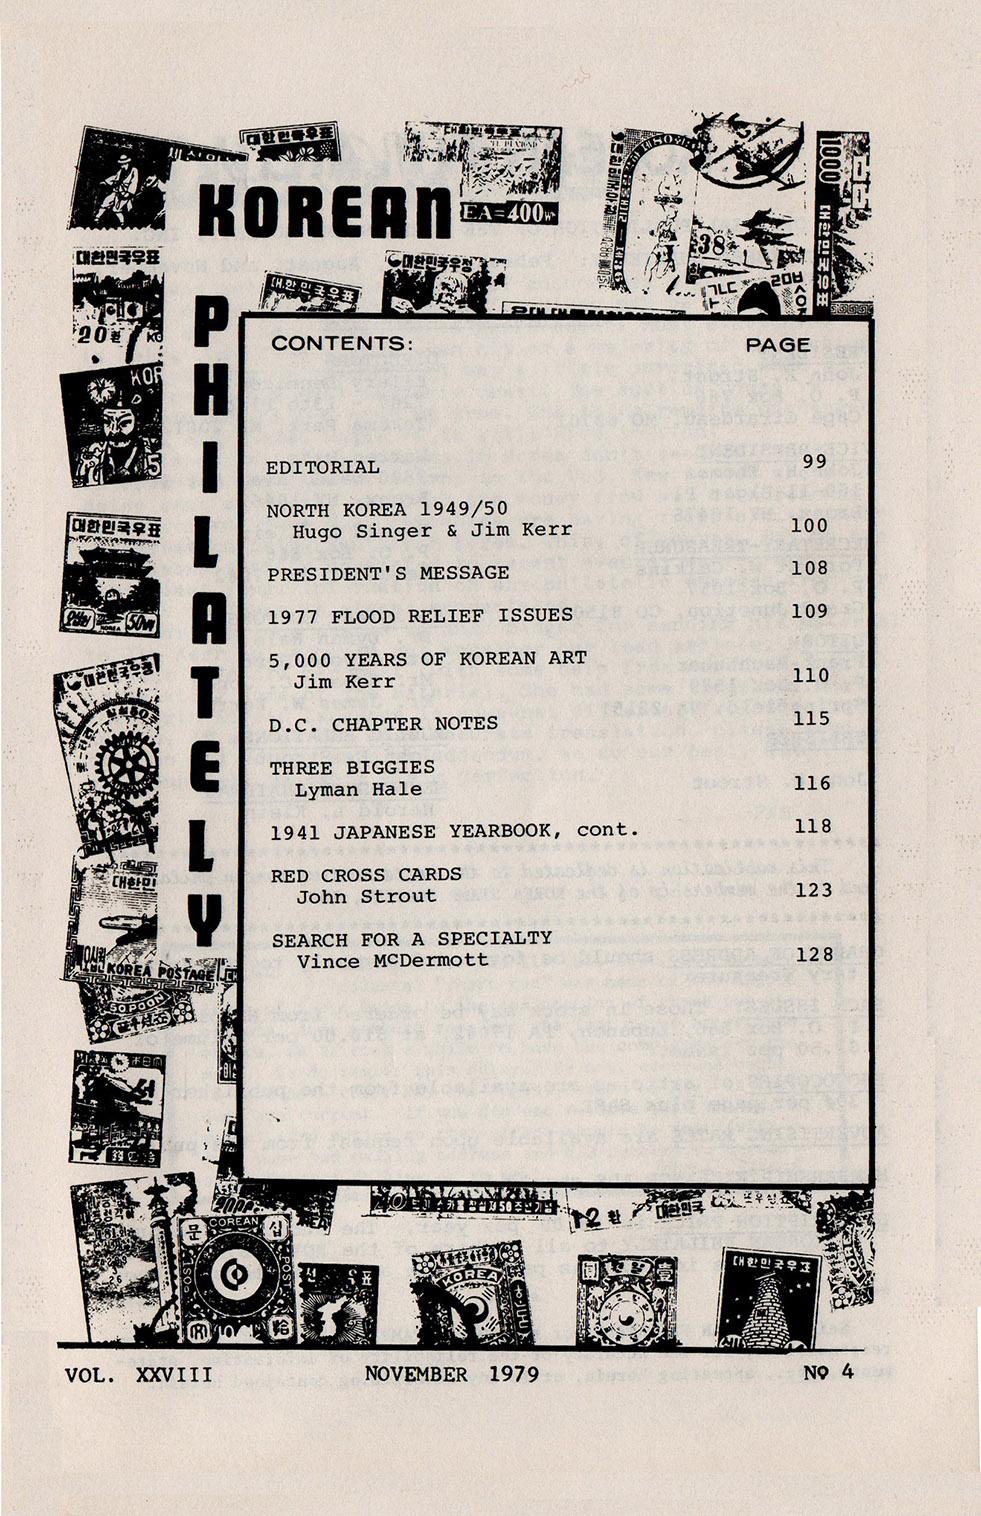 KP_VOL_XXVIII_Nr4_NOV_1979_Cover_981px